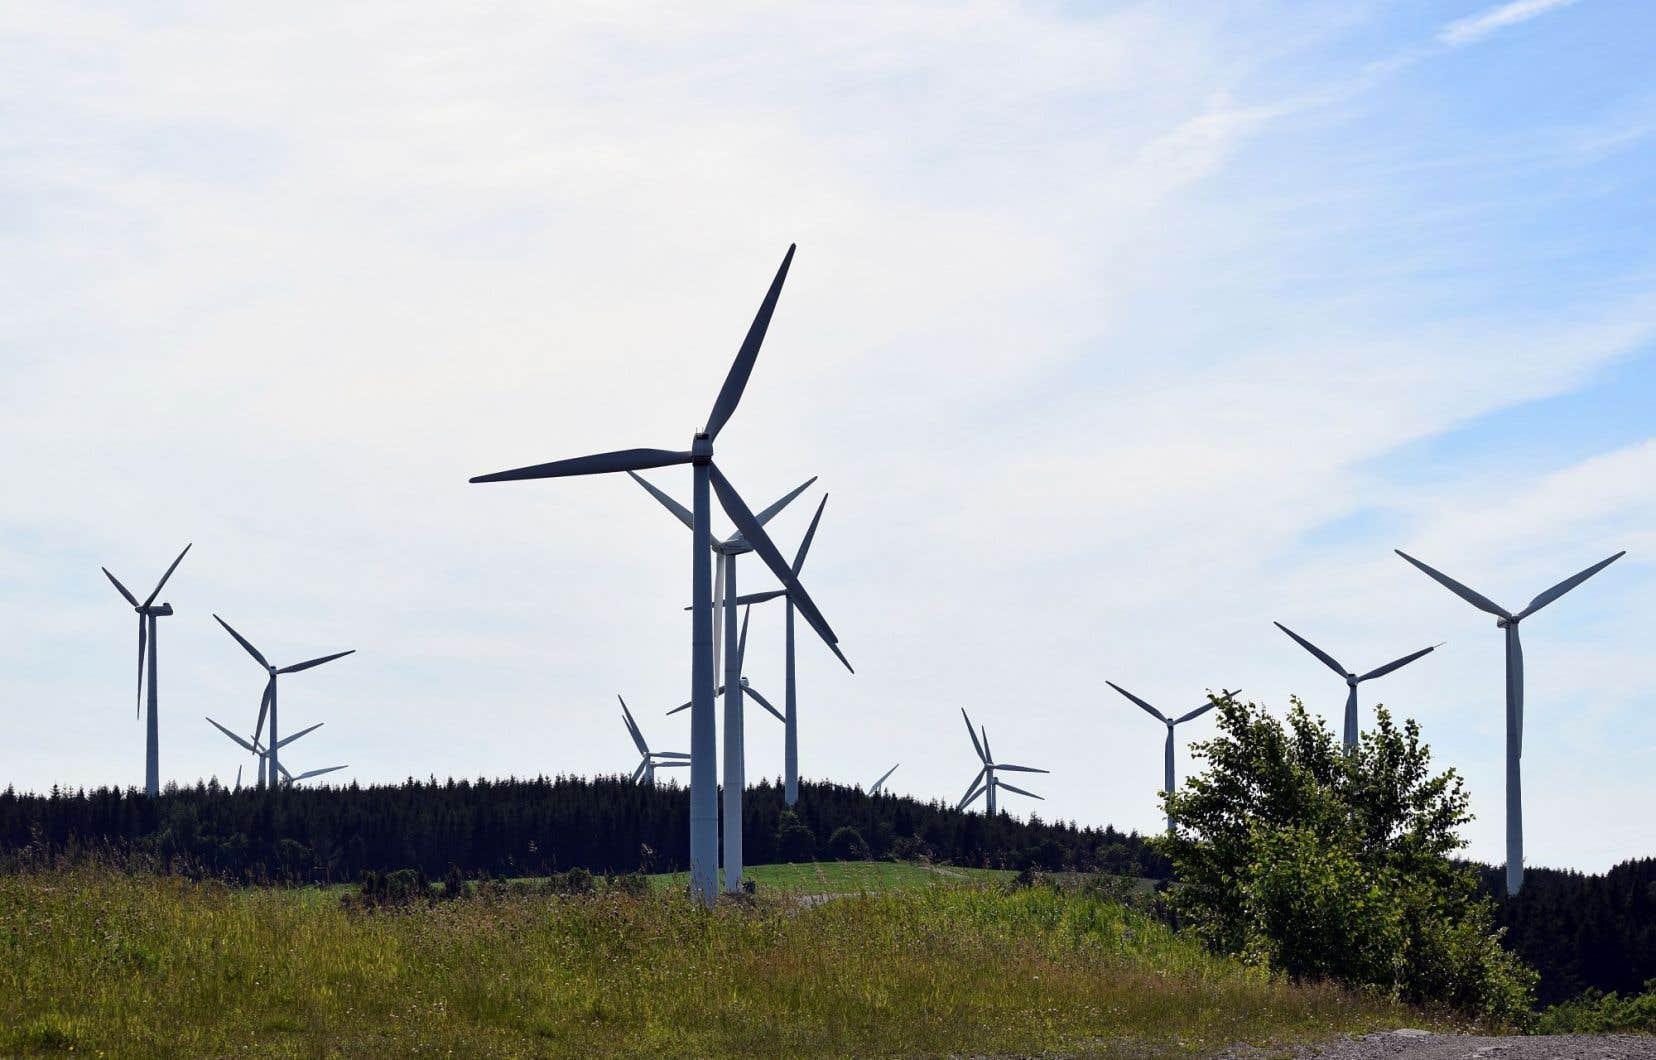 Le projet représente le dernier pan de la stratégie énergétique 2006-2015 du gouvernement du Québec, soit les 200MW restants du vaste chantier de 4000MW d'énergie éolienne.